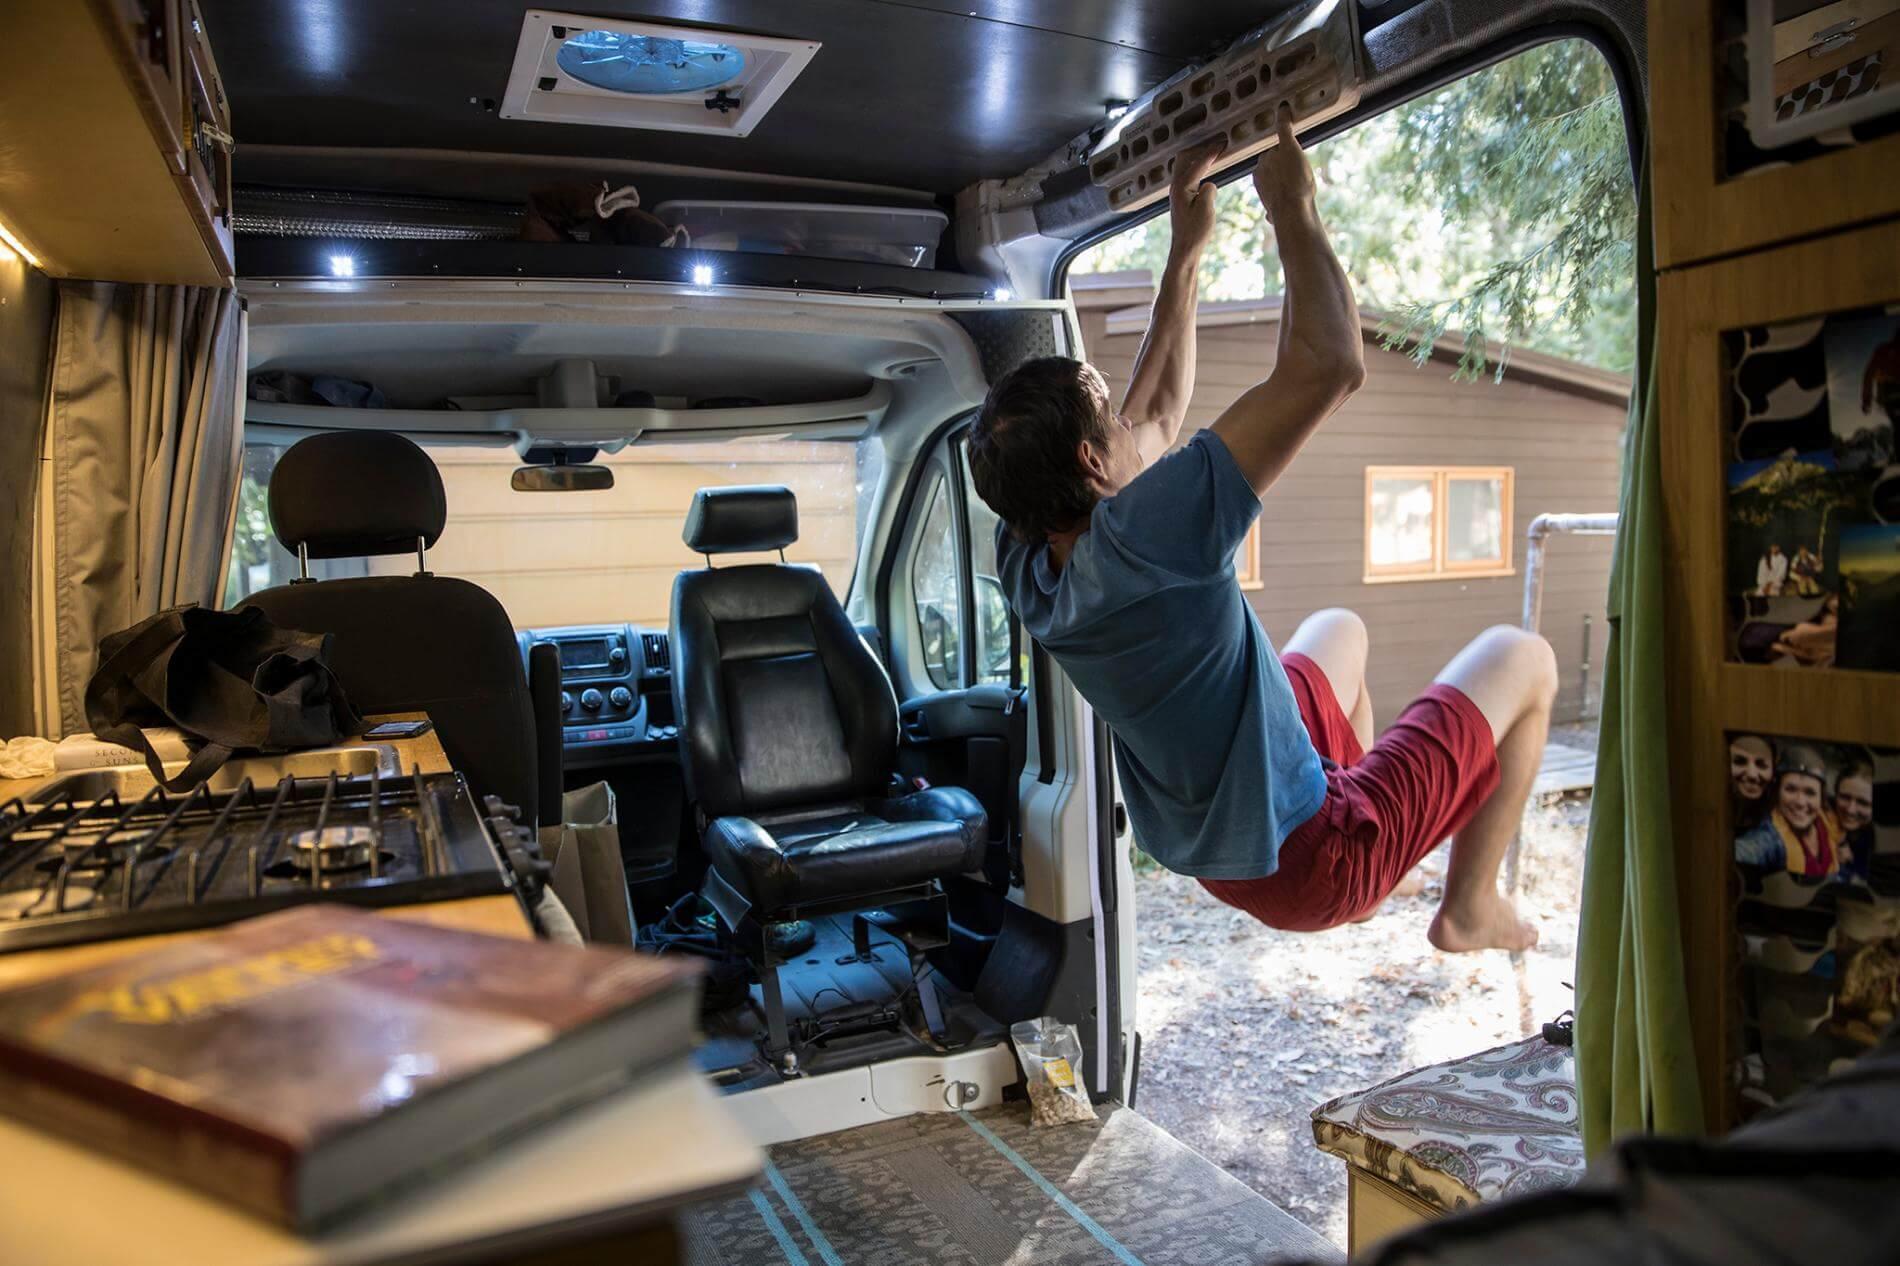 alex honnold el capitan rope free ascent 11